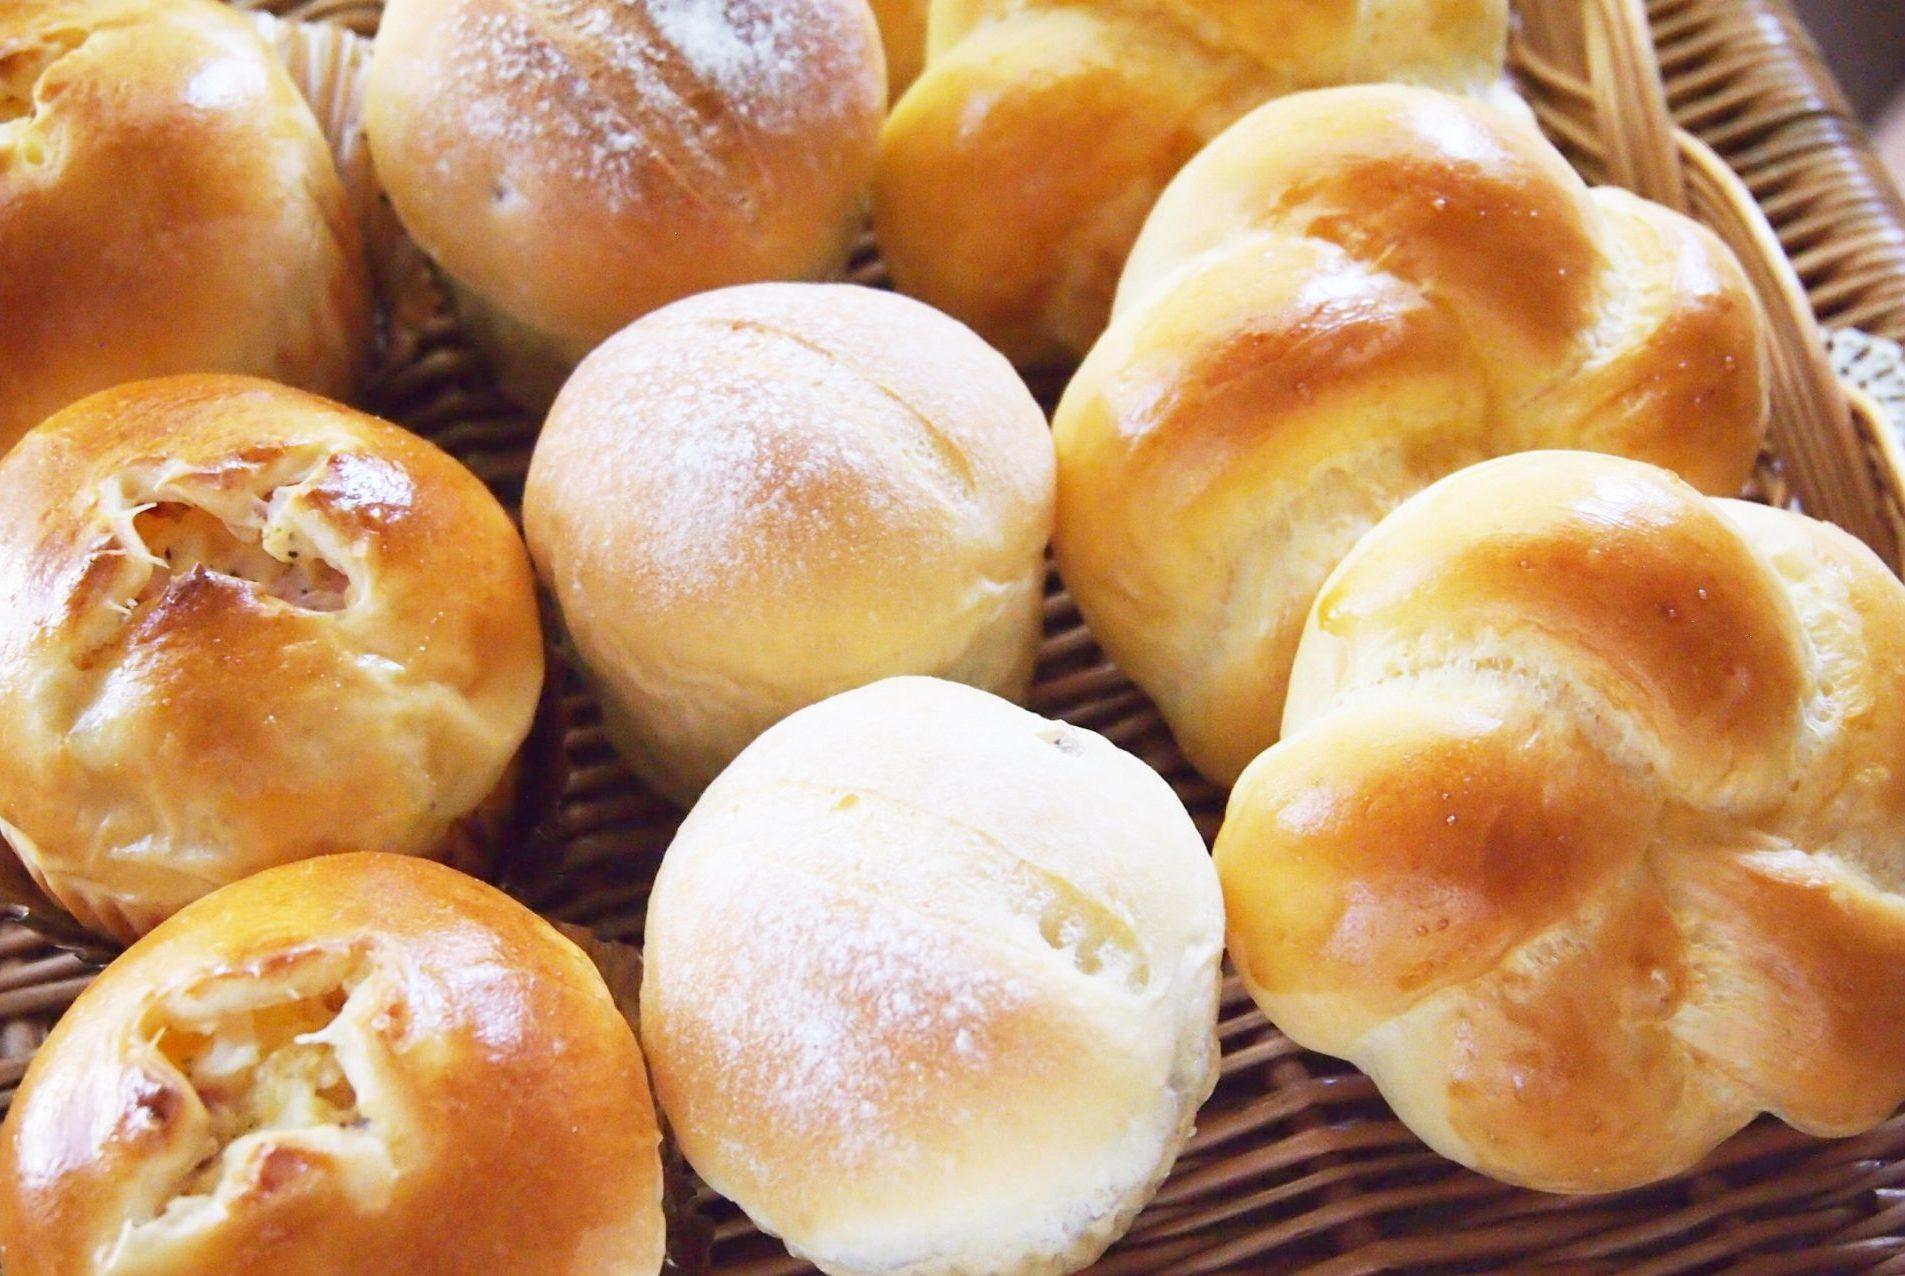 アレルギーの原因にも? パン、うどん、パスタにも含まれているグルテンとは?